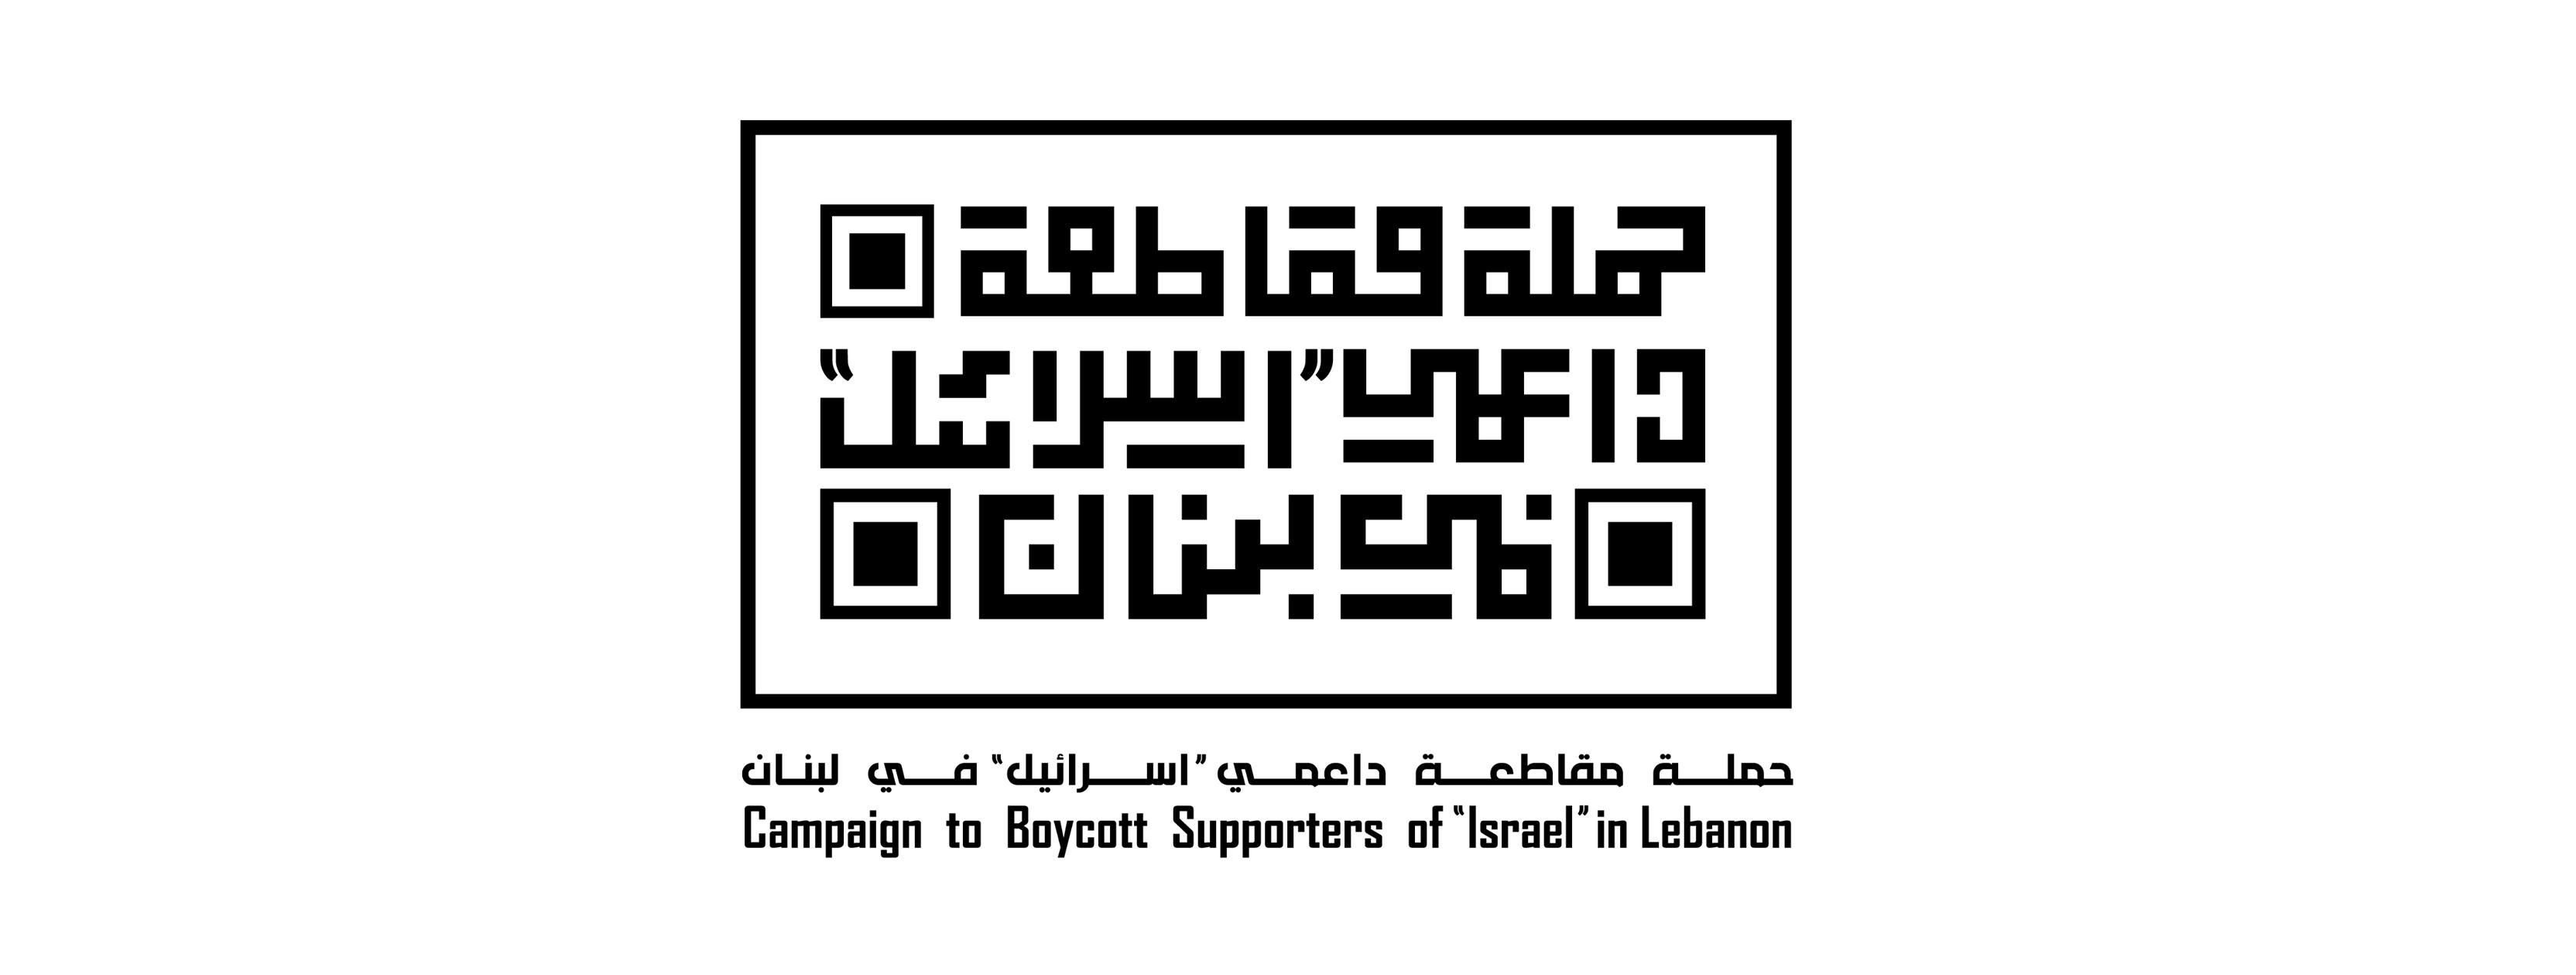 بالفيديو.. ذكرى عامين على إطلاق تطبيق قاطعوا لمقاطعة أبرز المنتجات الداعمة للعدو الصهيوني